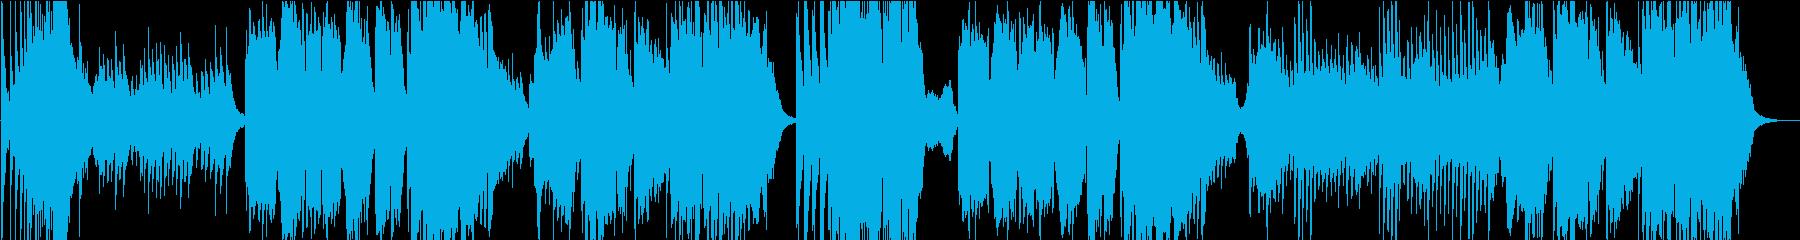 琴の伴奏に載せた尺八による和風楽曲の再生済みの波形